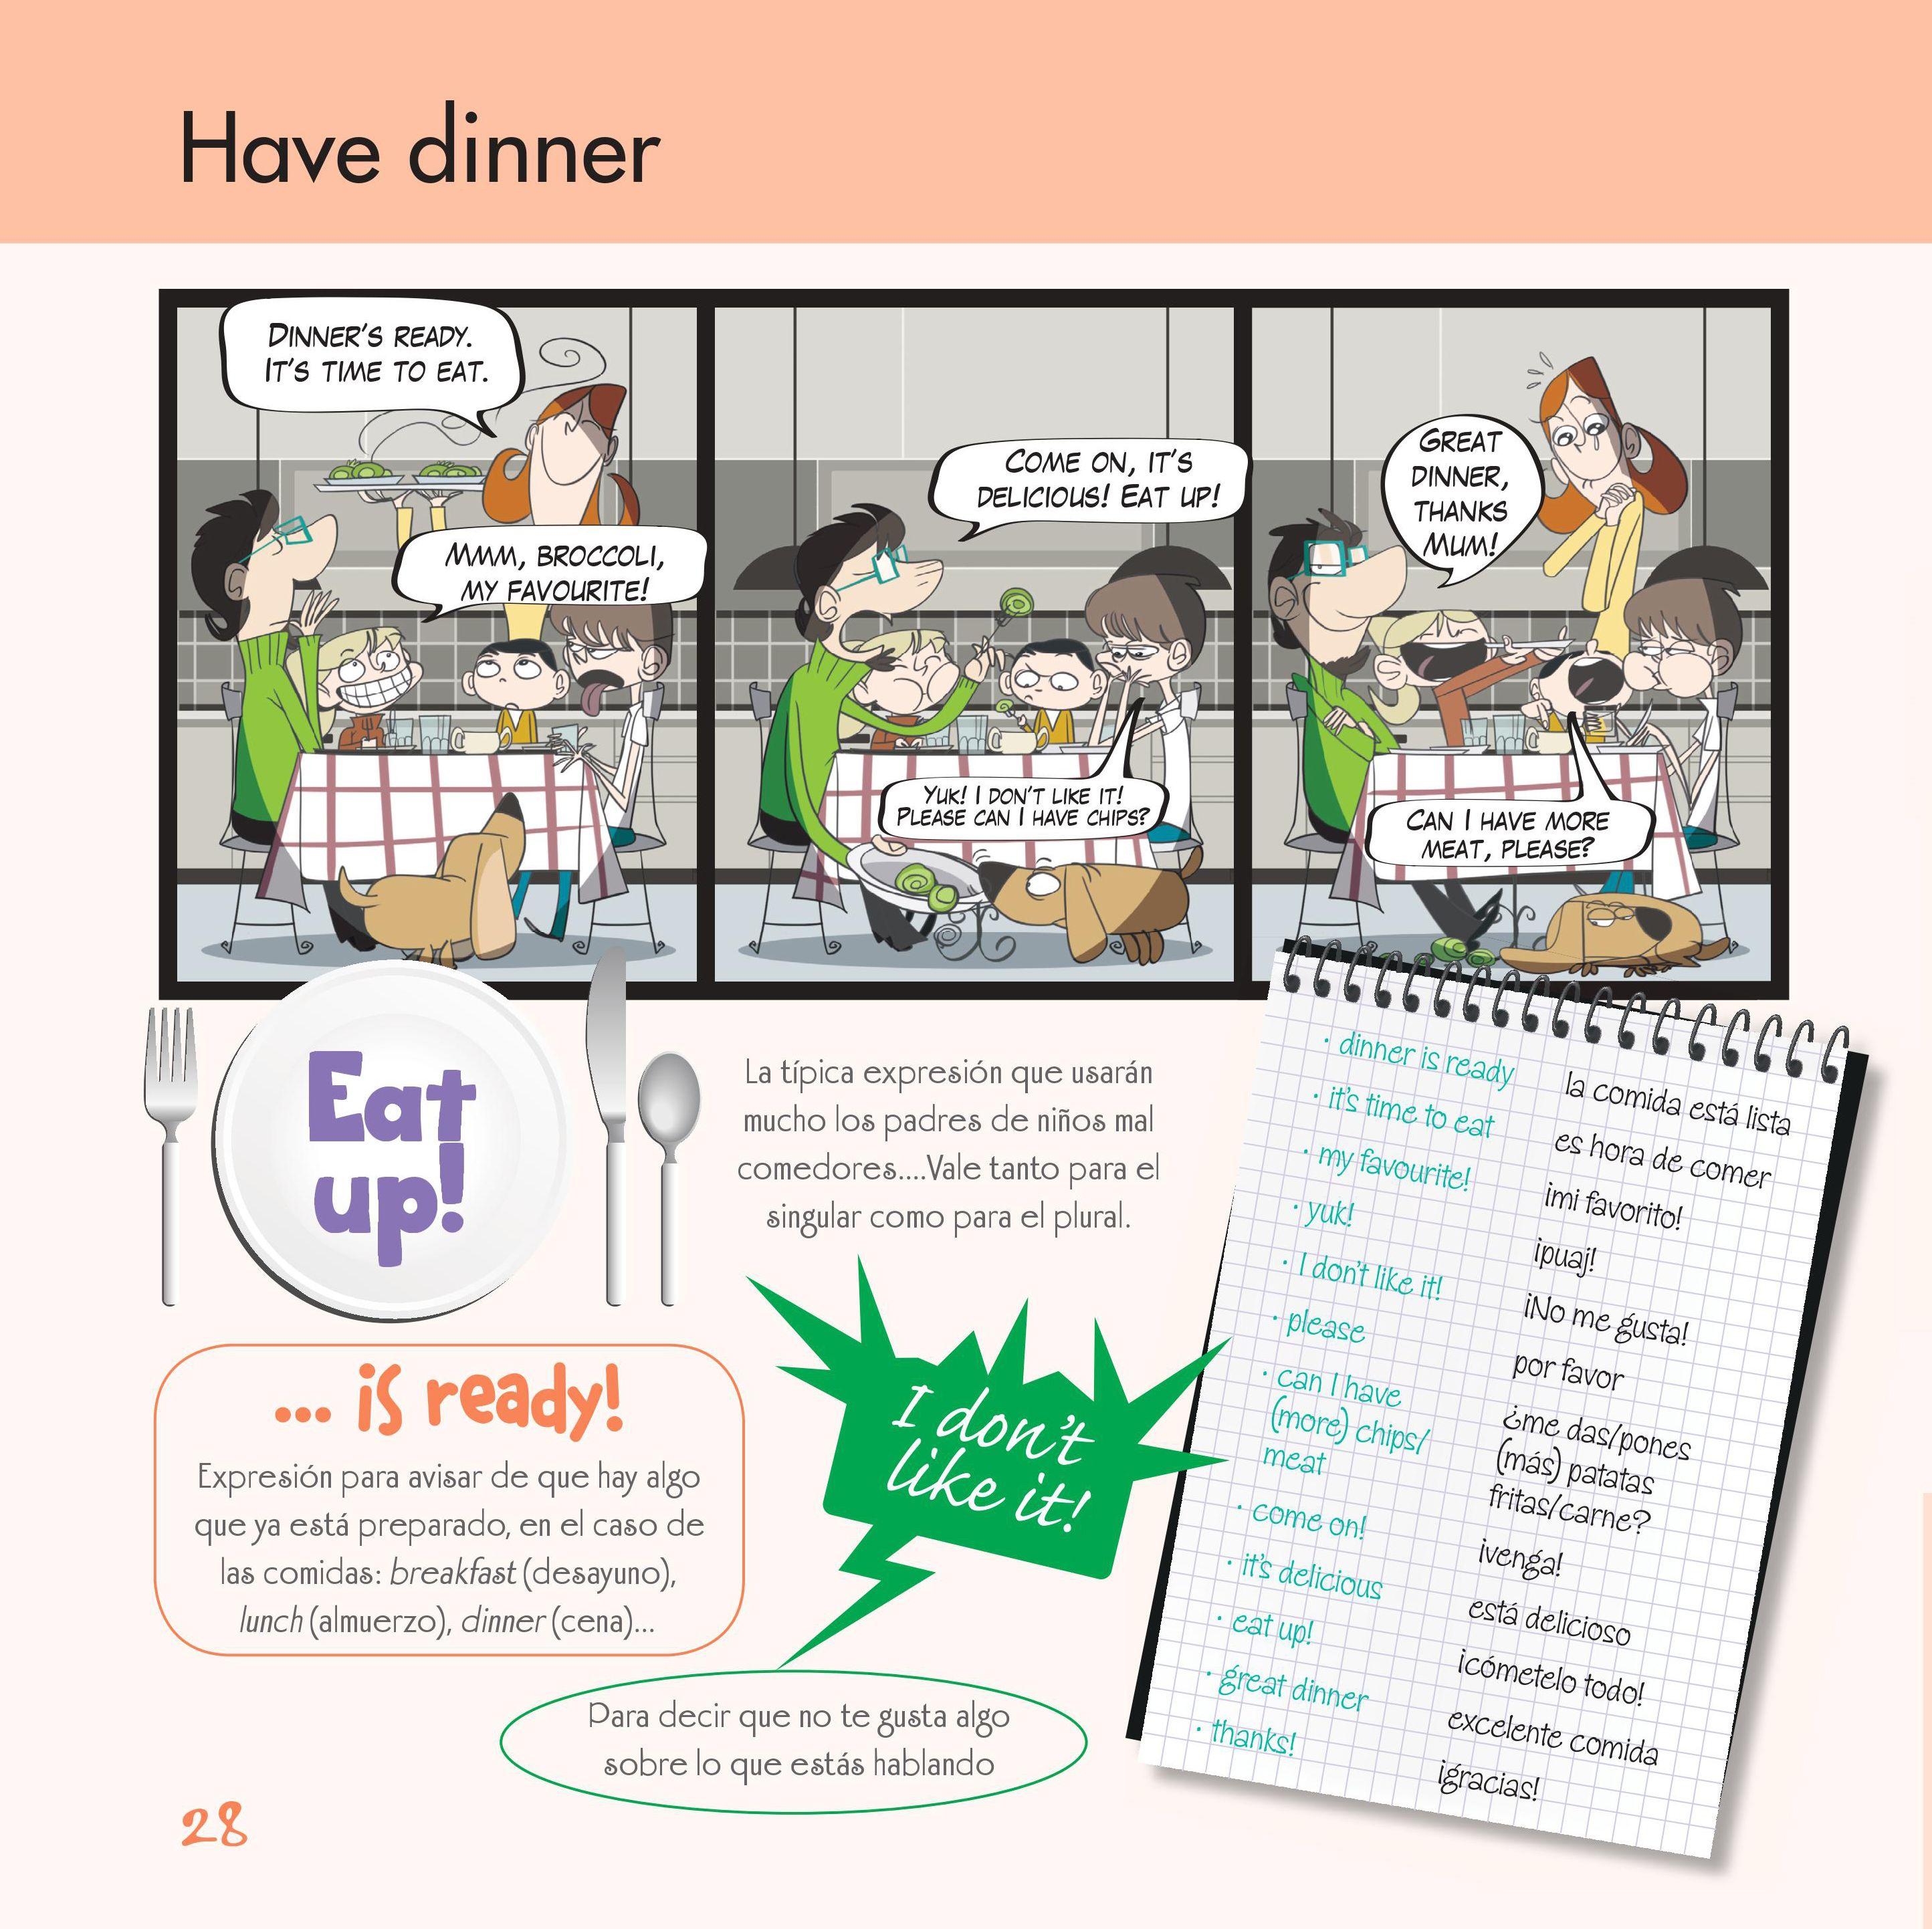 Practica Inglés En Casa Con Toda La Familia Ingles Familia Niños